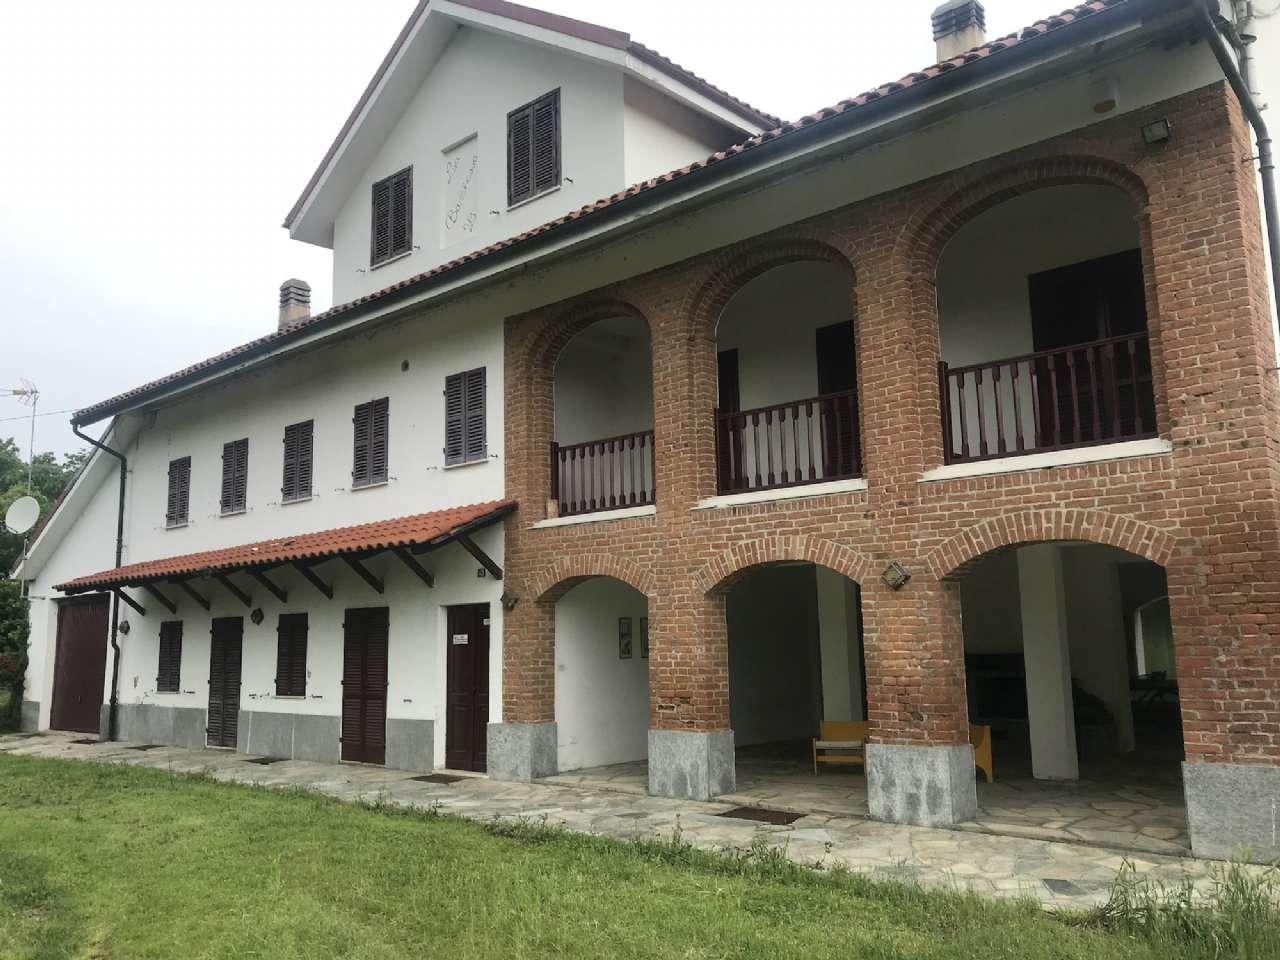 Rustico / Casale in vendita a Moncucco Torinese, 15 locali, prezzo € 250.000   PortaleAgenzieImmobiliari.it